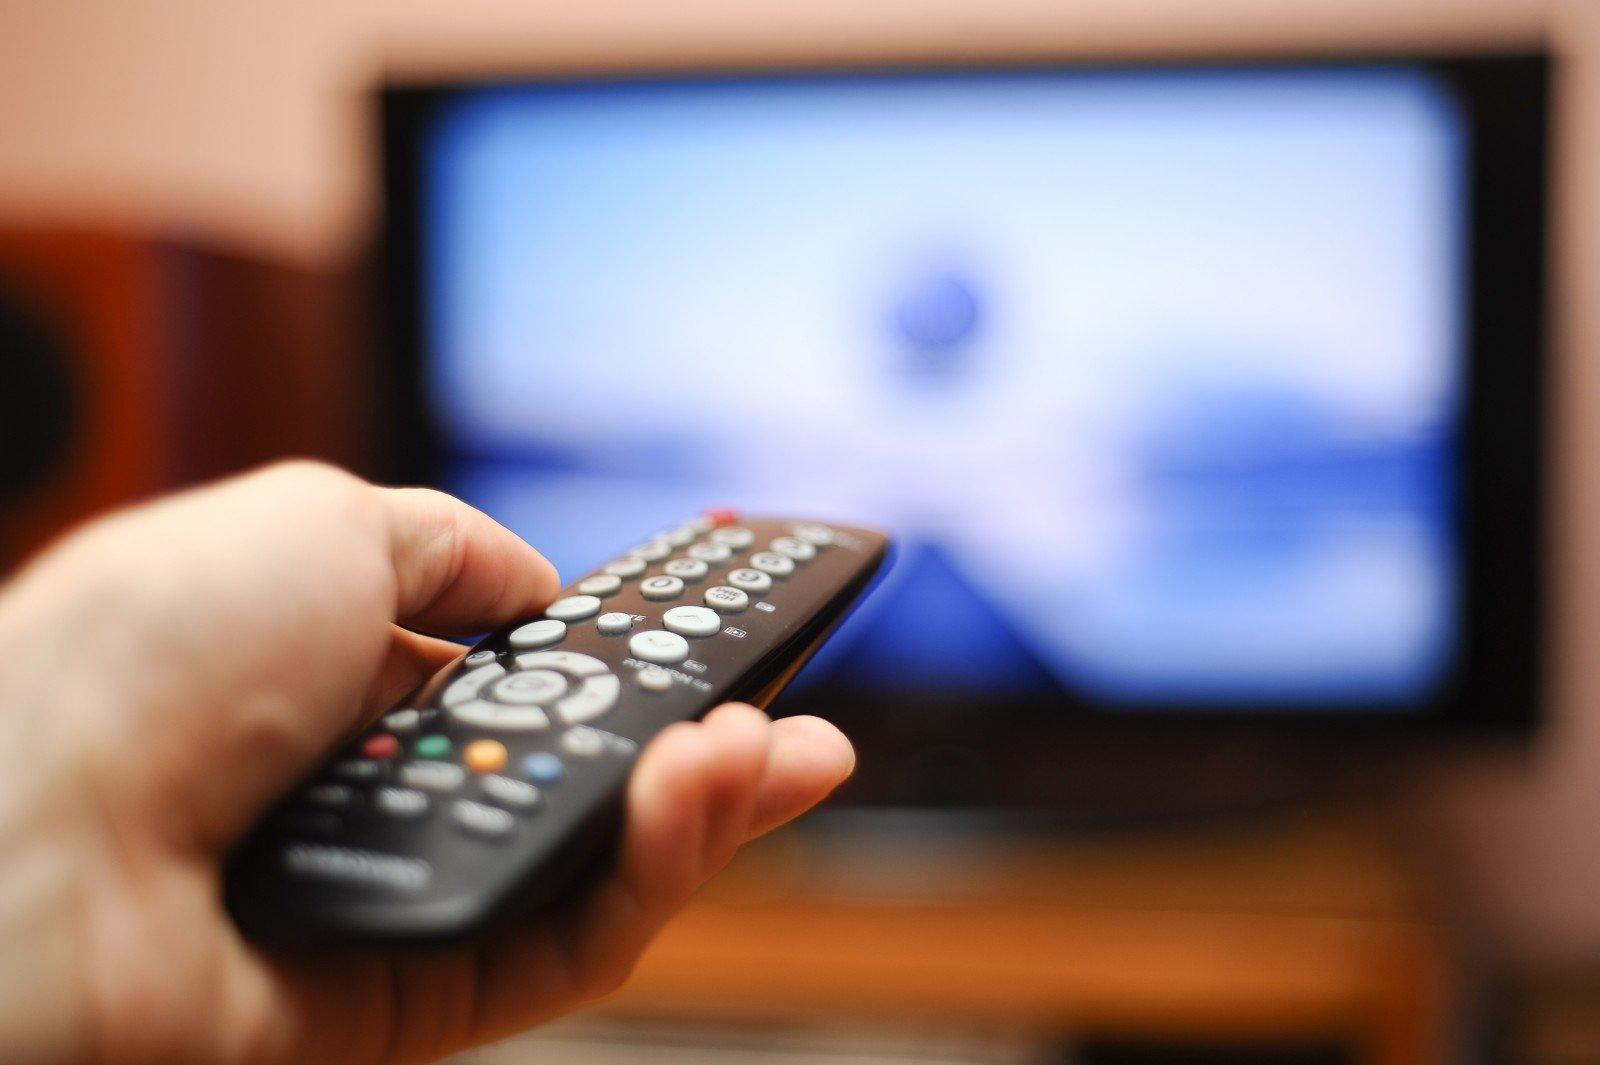 ВЛитве наполгода отключат отэфира русский канал «ТВЦентр»